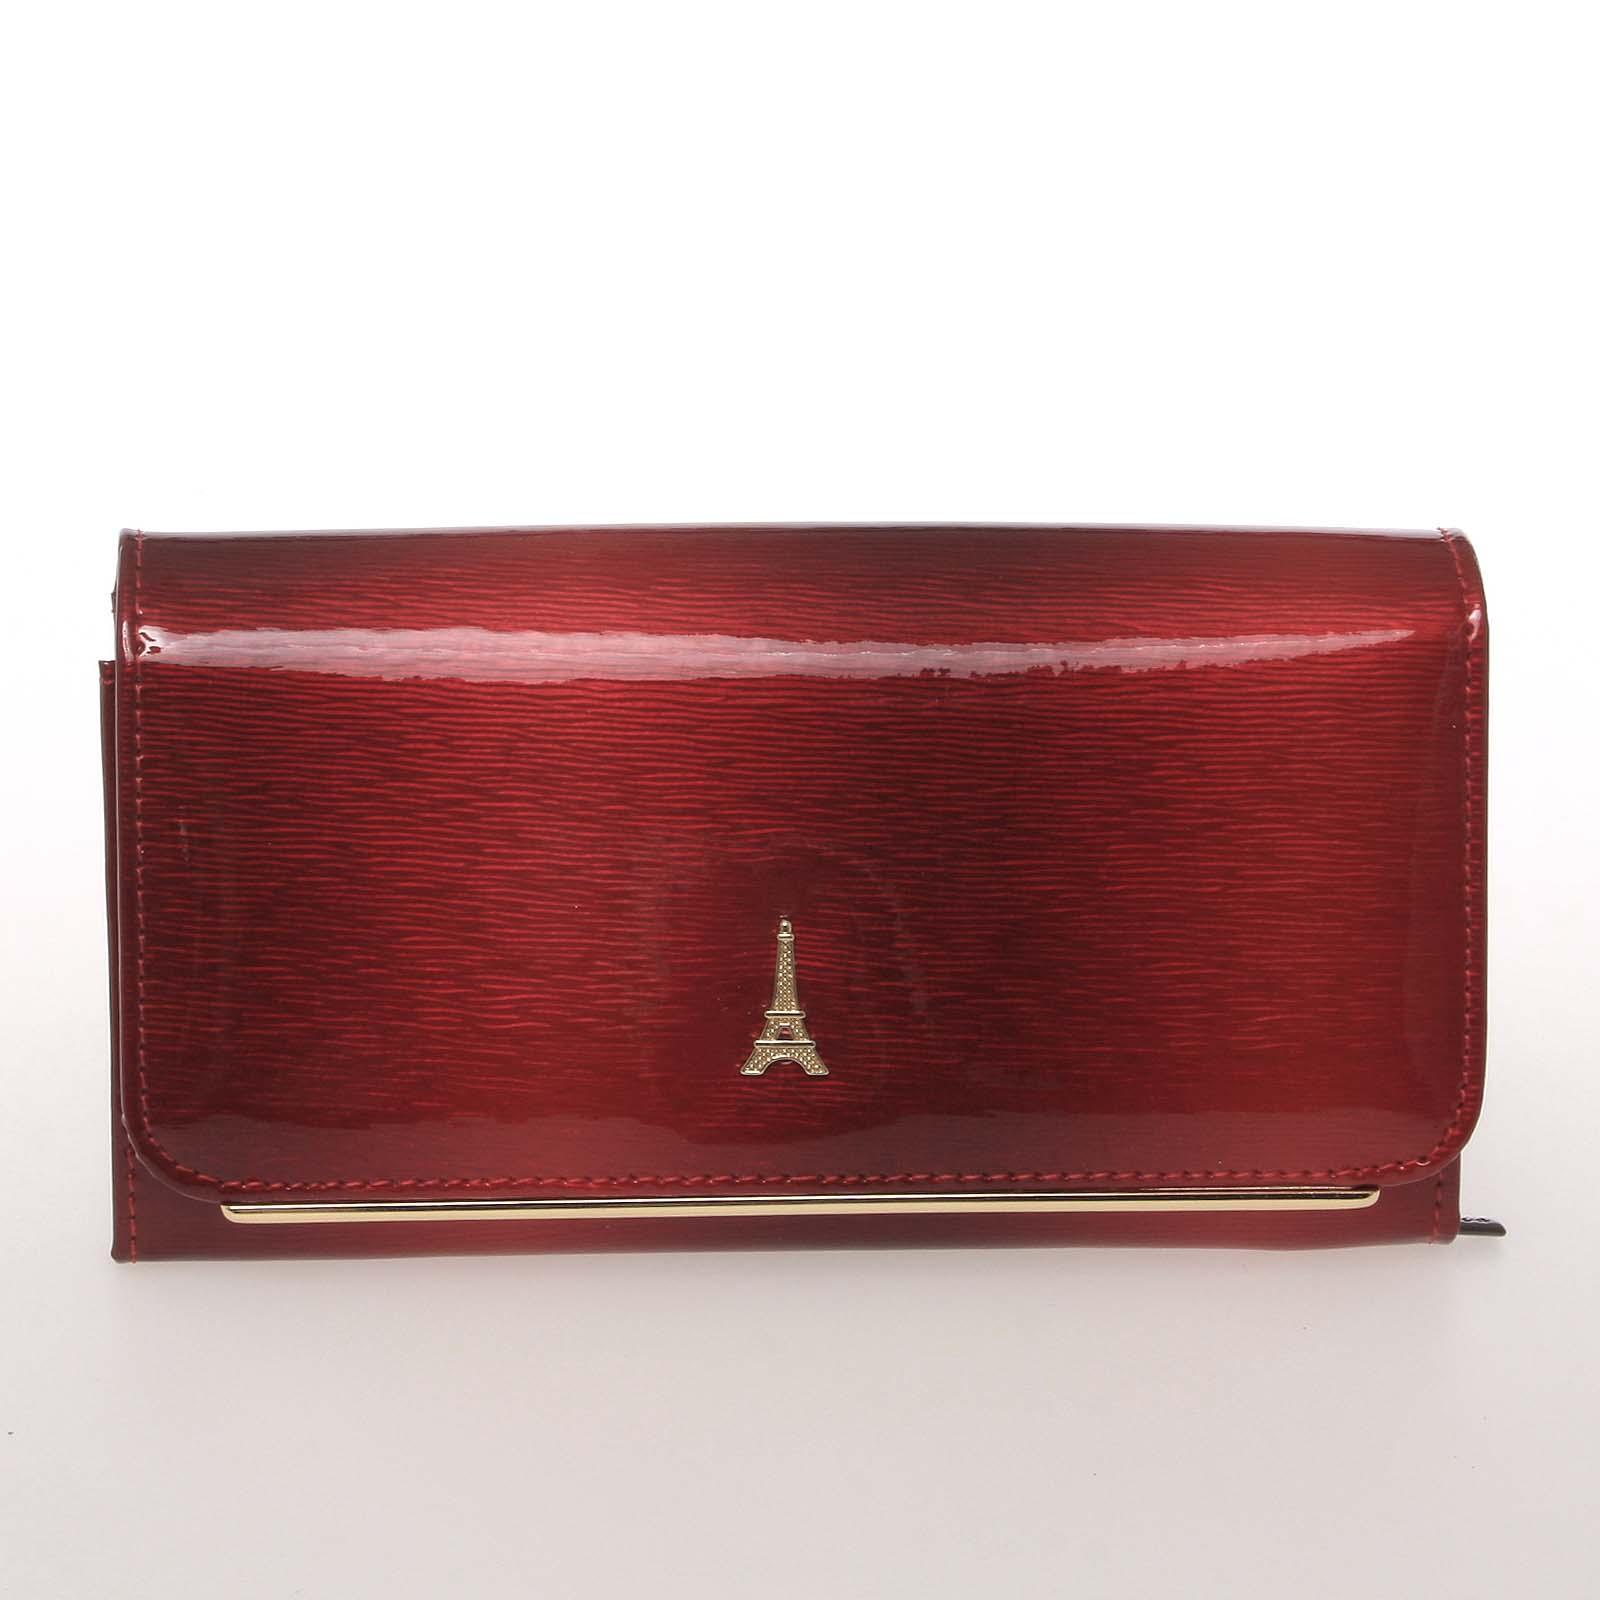 Stylová kožená lakovaná dámská peněženka červená - PARIS 74110DSHK